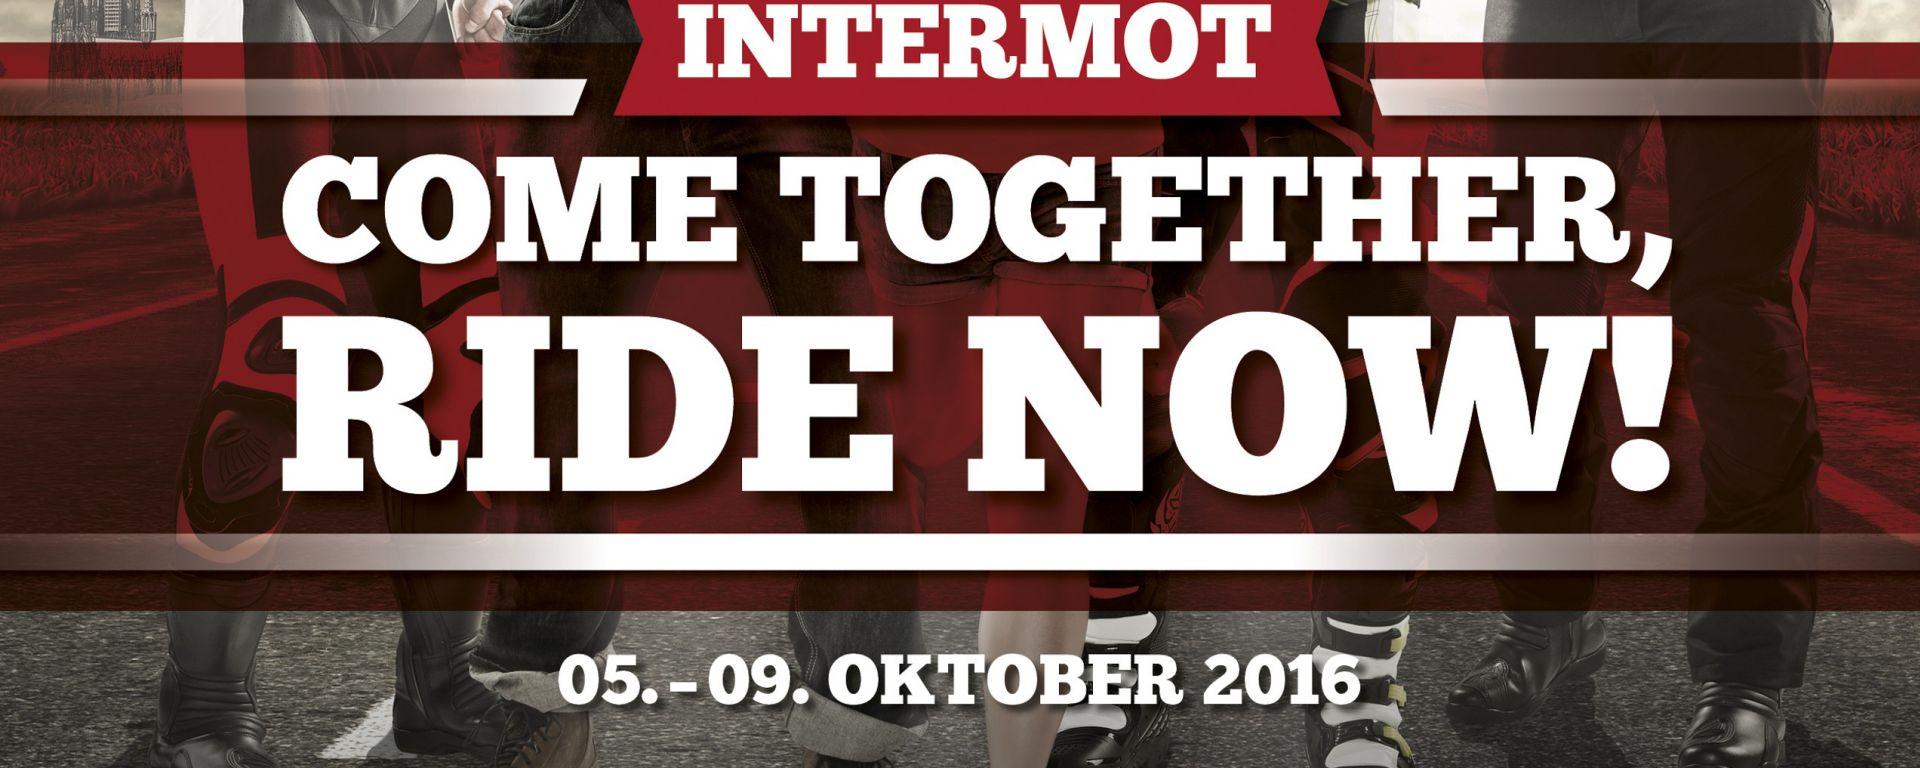 Intermot 2016: ecco le novità che vedremo a Colonia